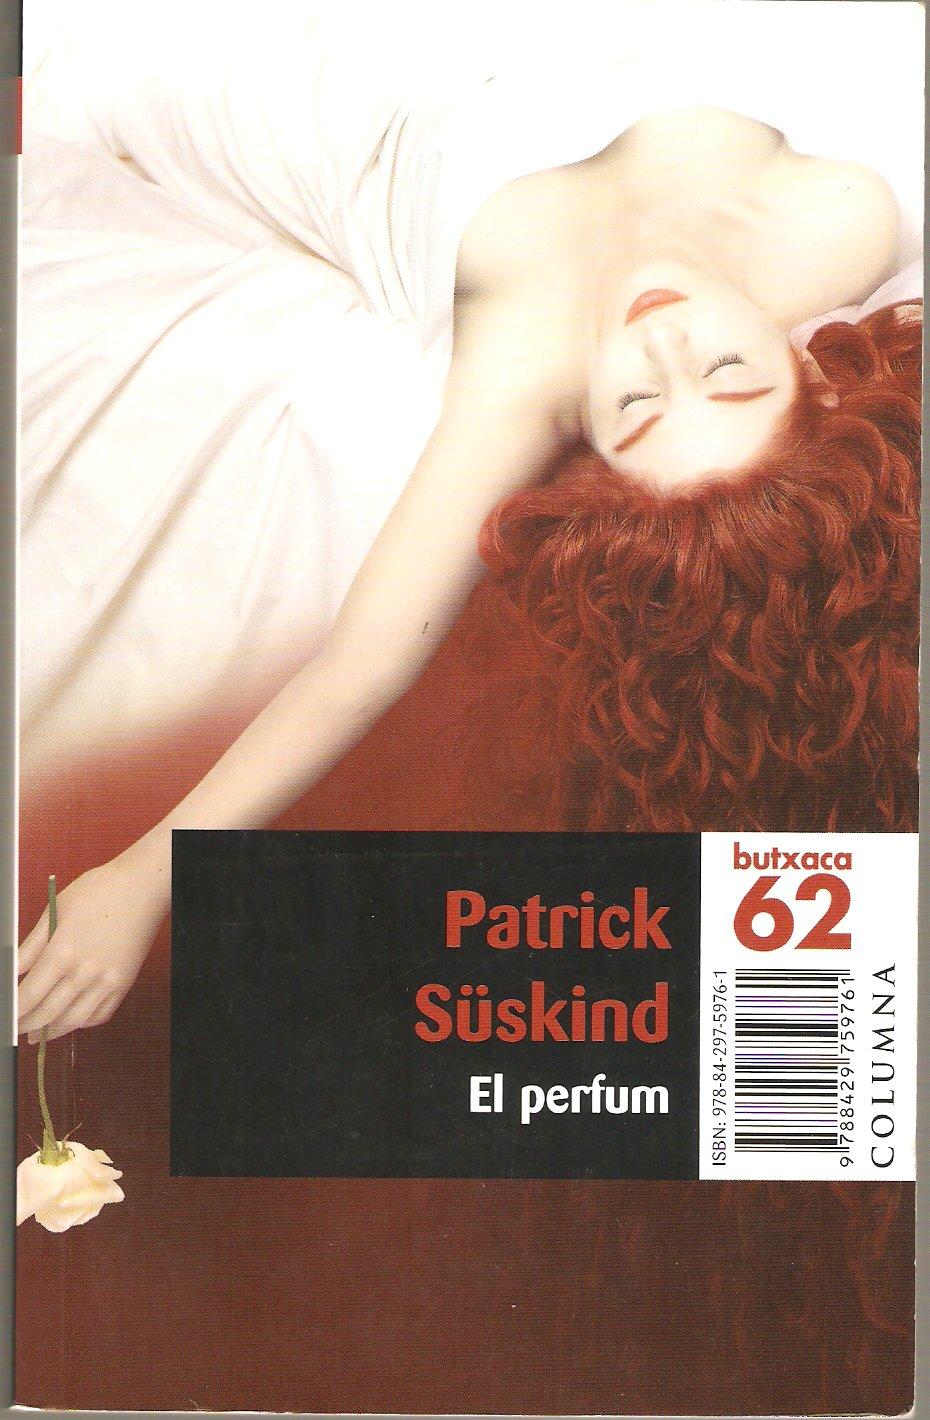 El perfum